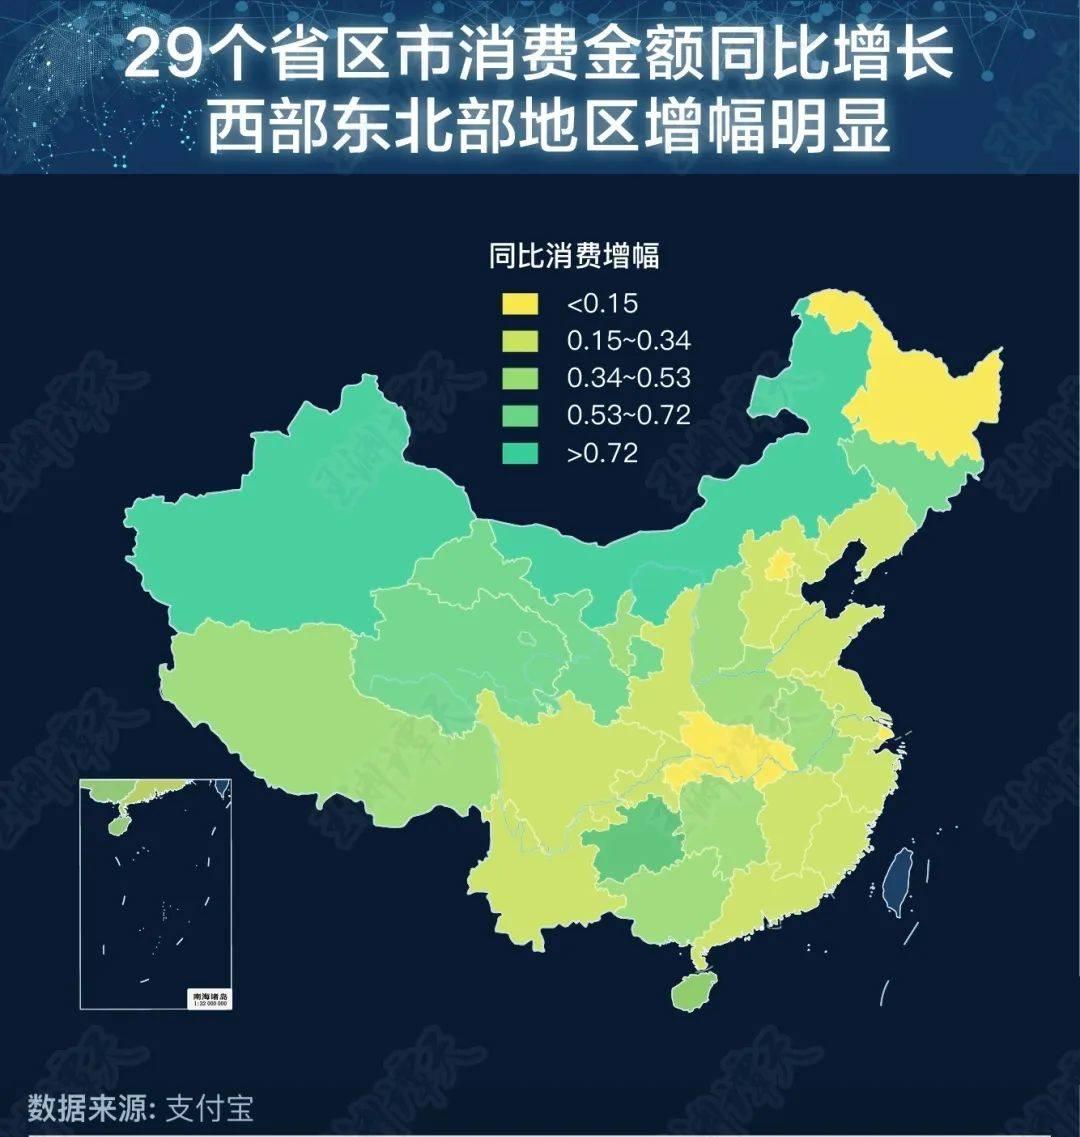 29省区市消耗金额同比添长